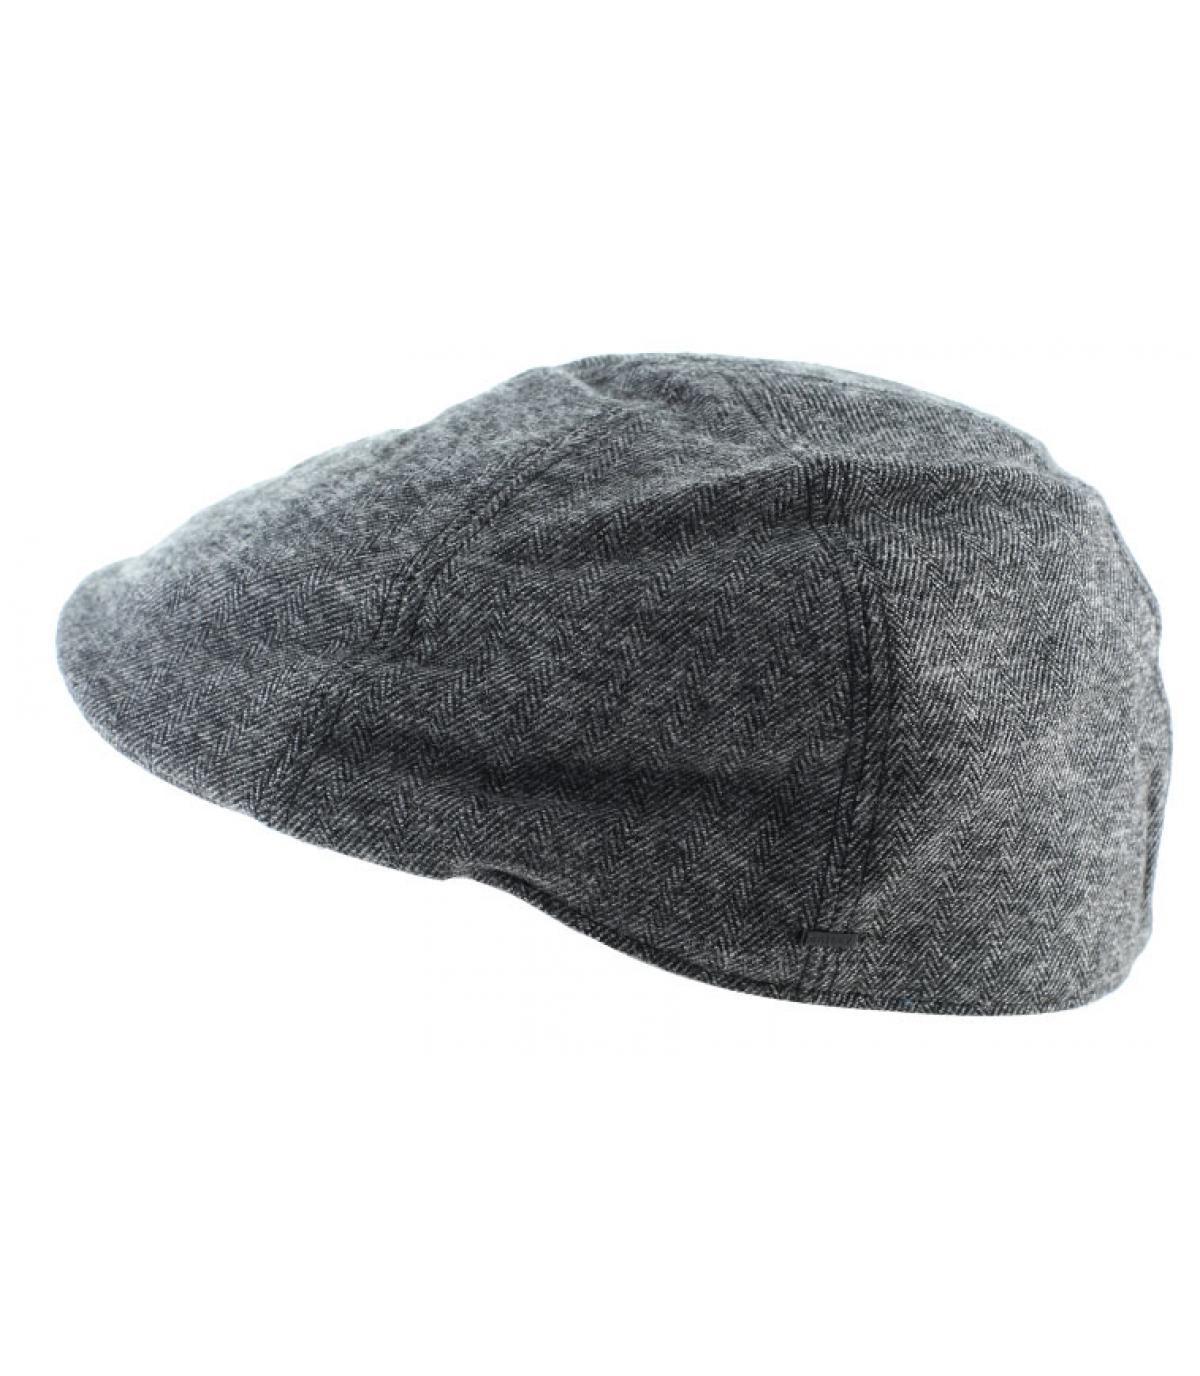 Duckbill Cap schwarz Baumwolle